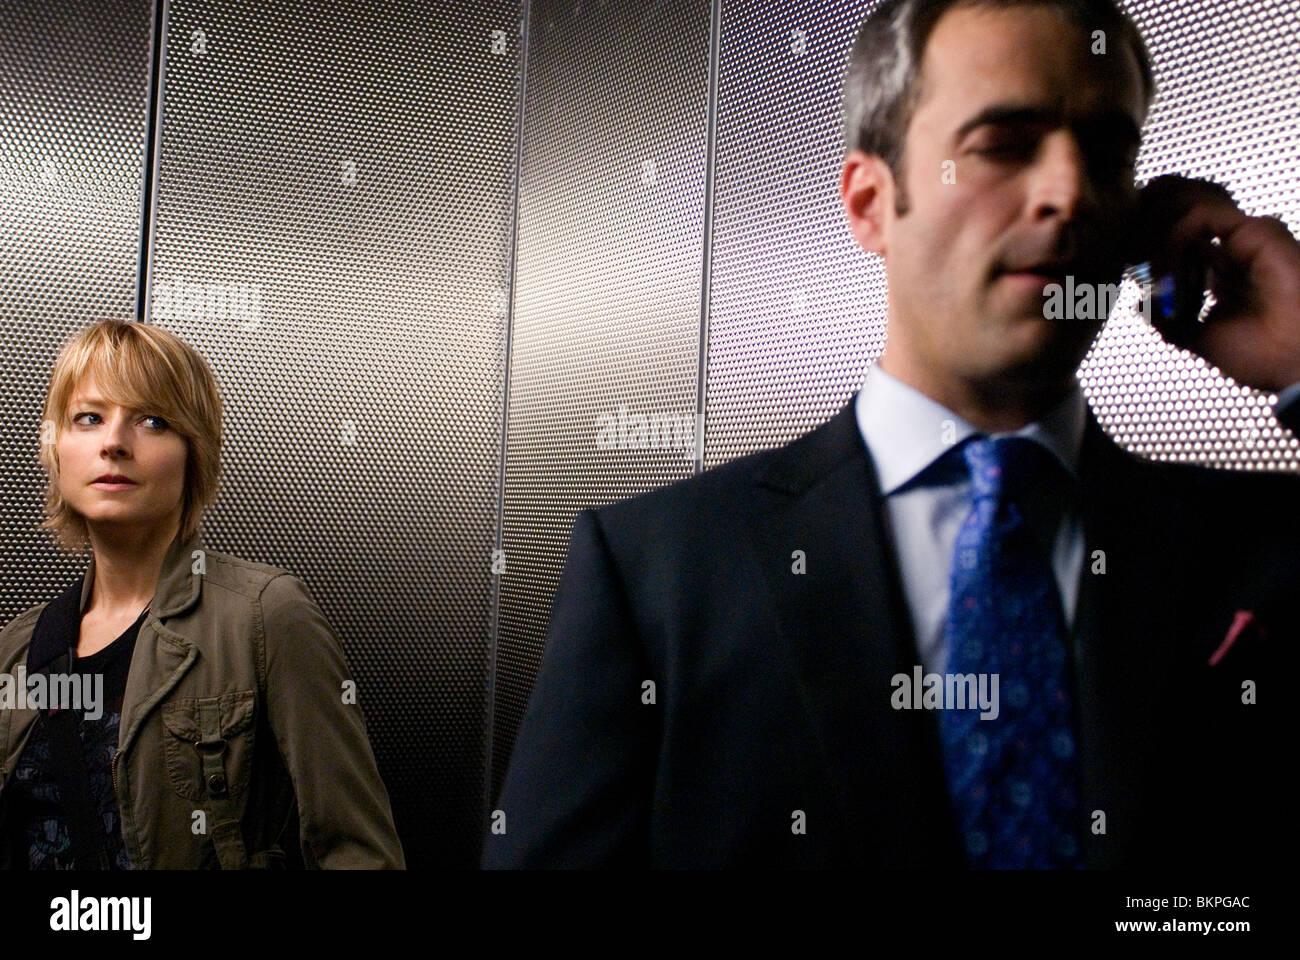 THE BRAVE ONE (2007) JODIE FOSTER, LENNY VENITO NEIL JORDAN (DIR) BRAV 015 - Stock Image